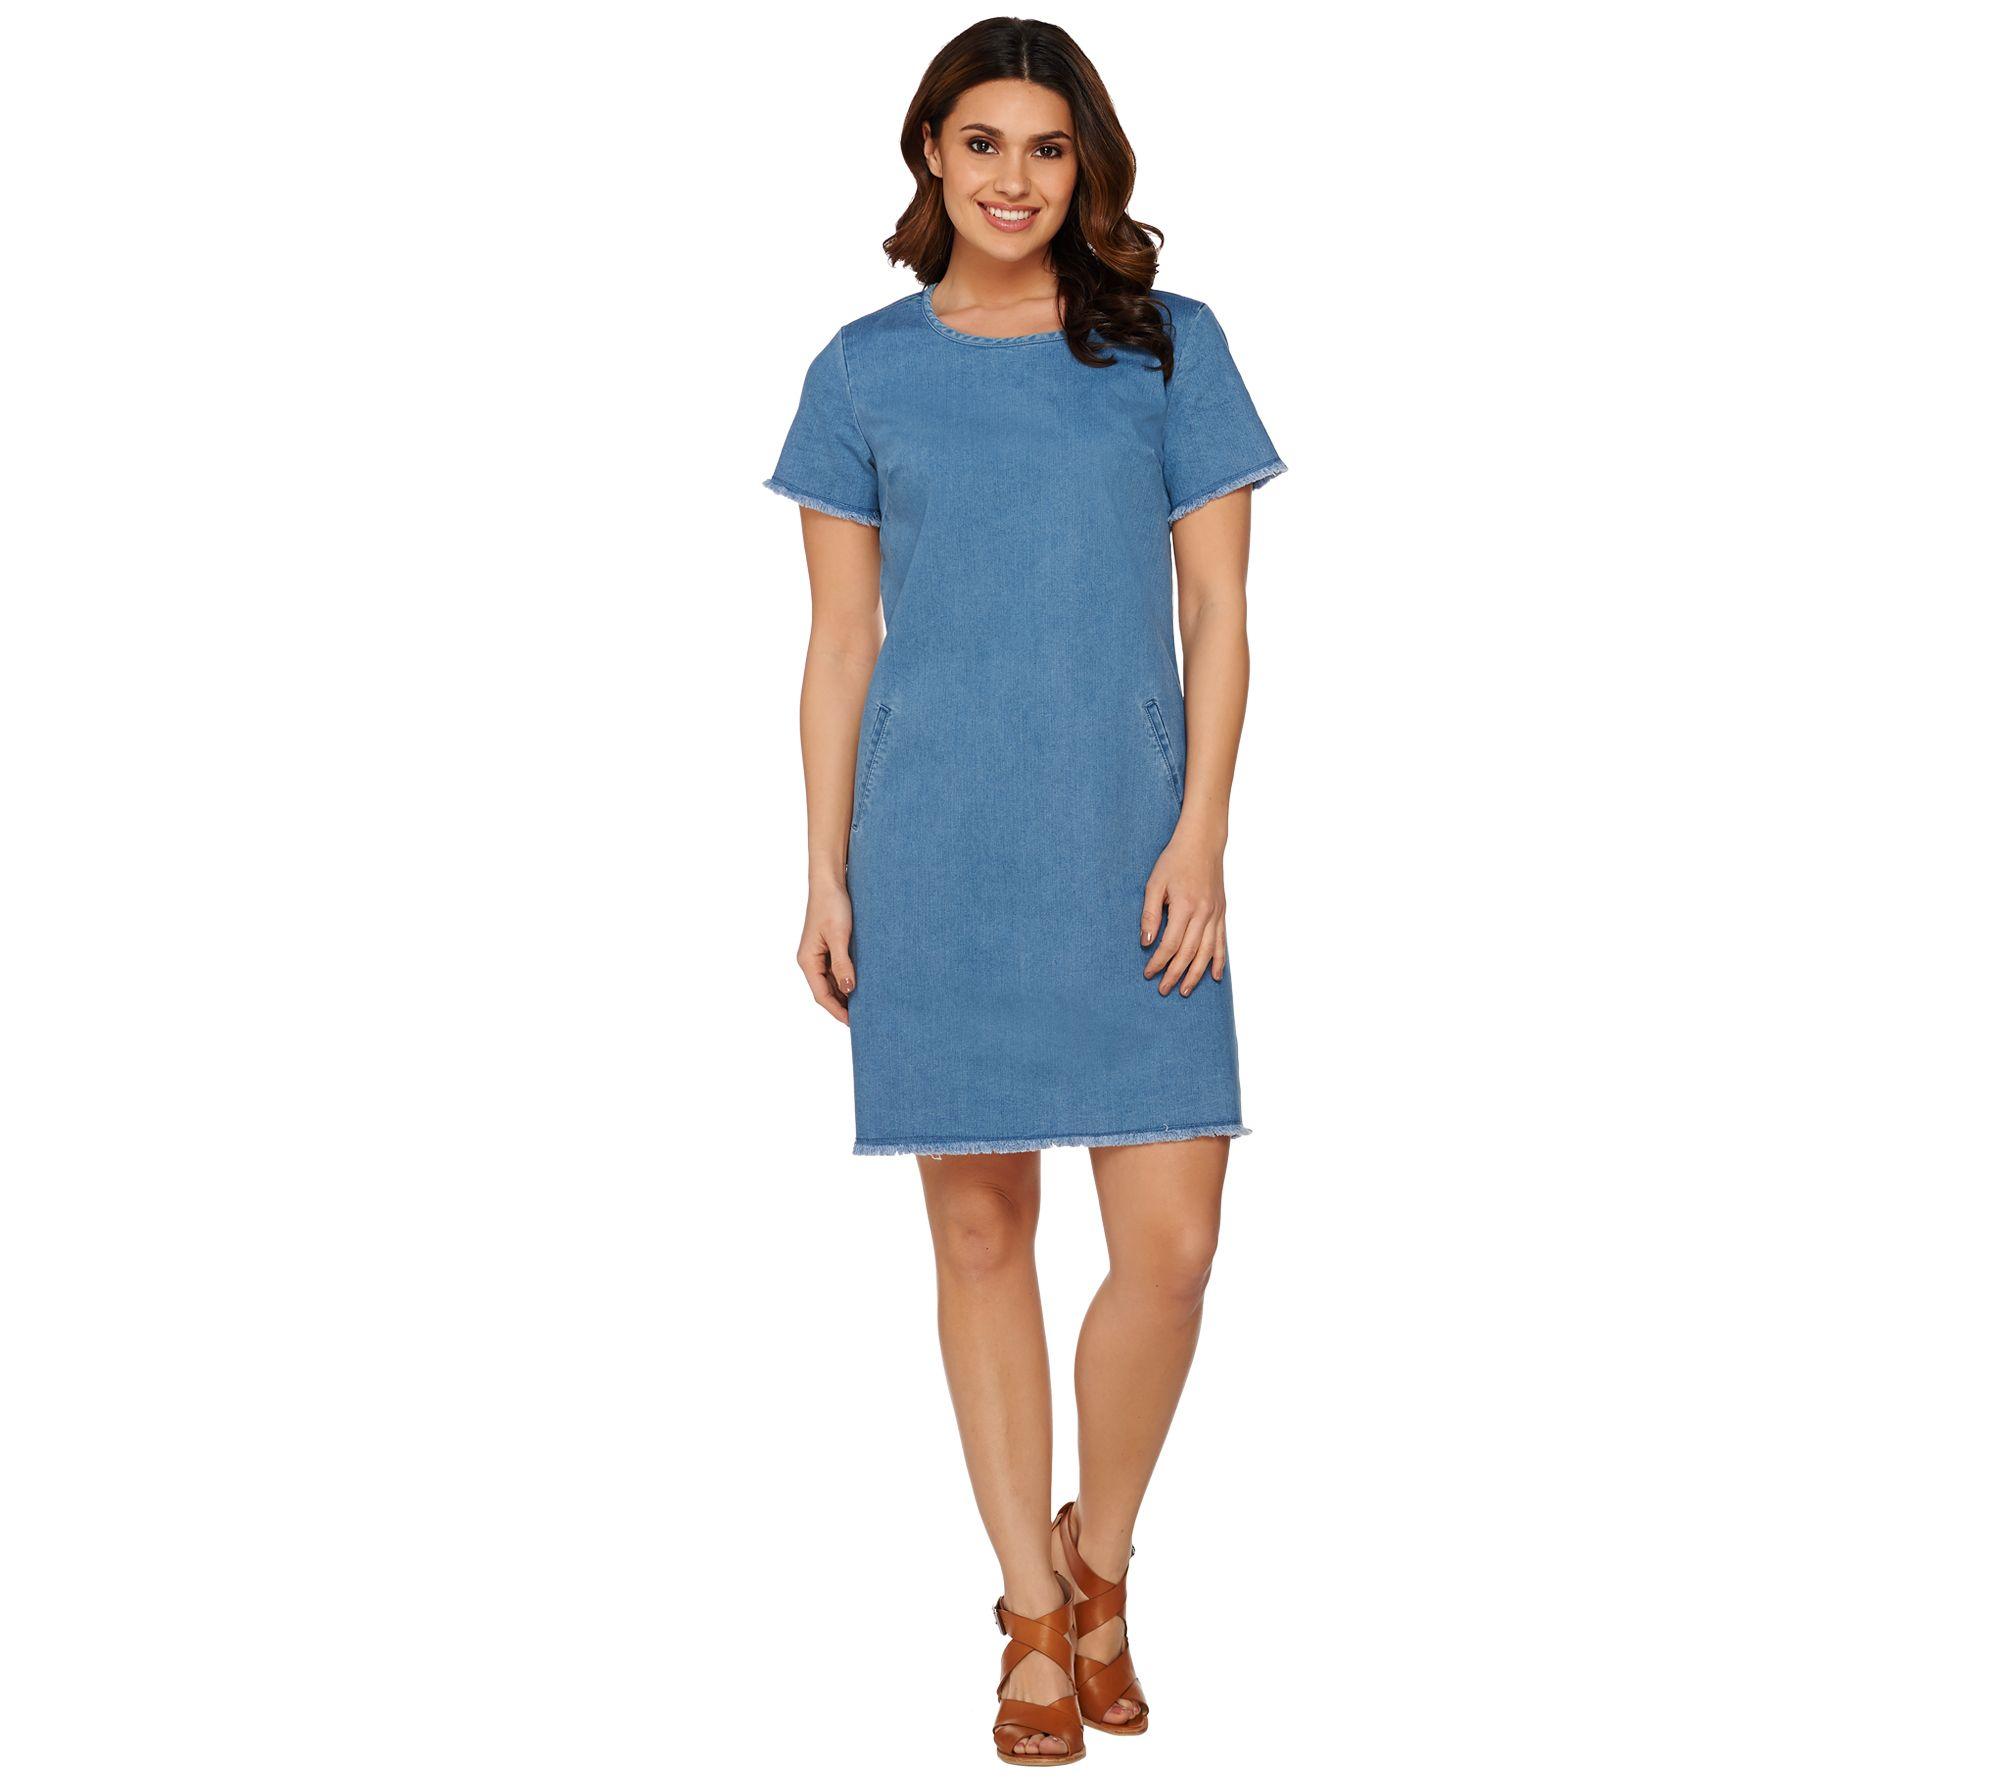 C. Wonder Short Sleeve Denim Dress with Trim Details - Page 1 — QVC.com